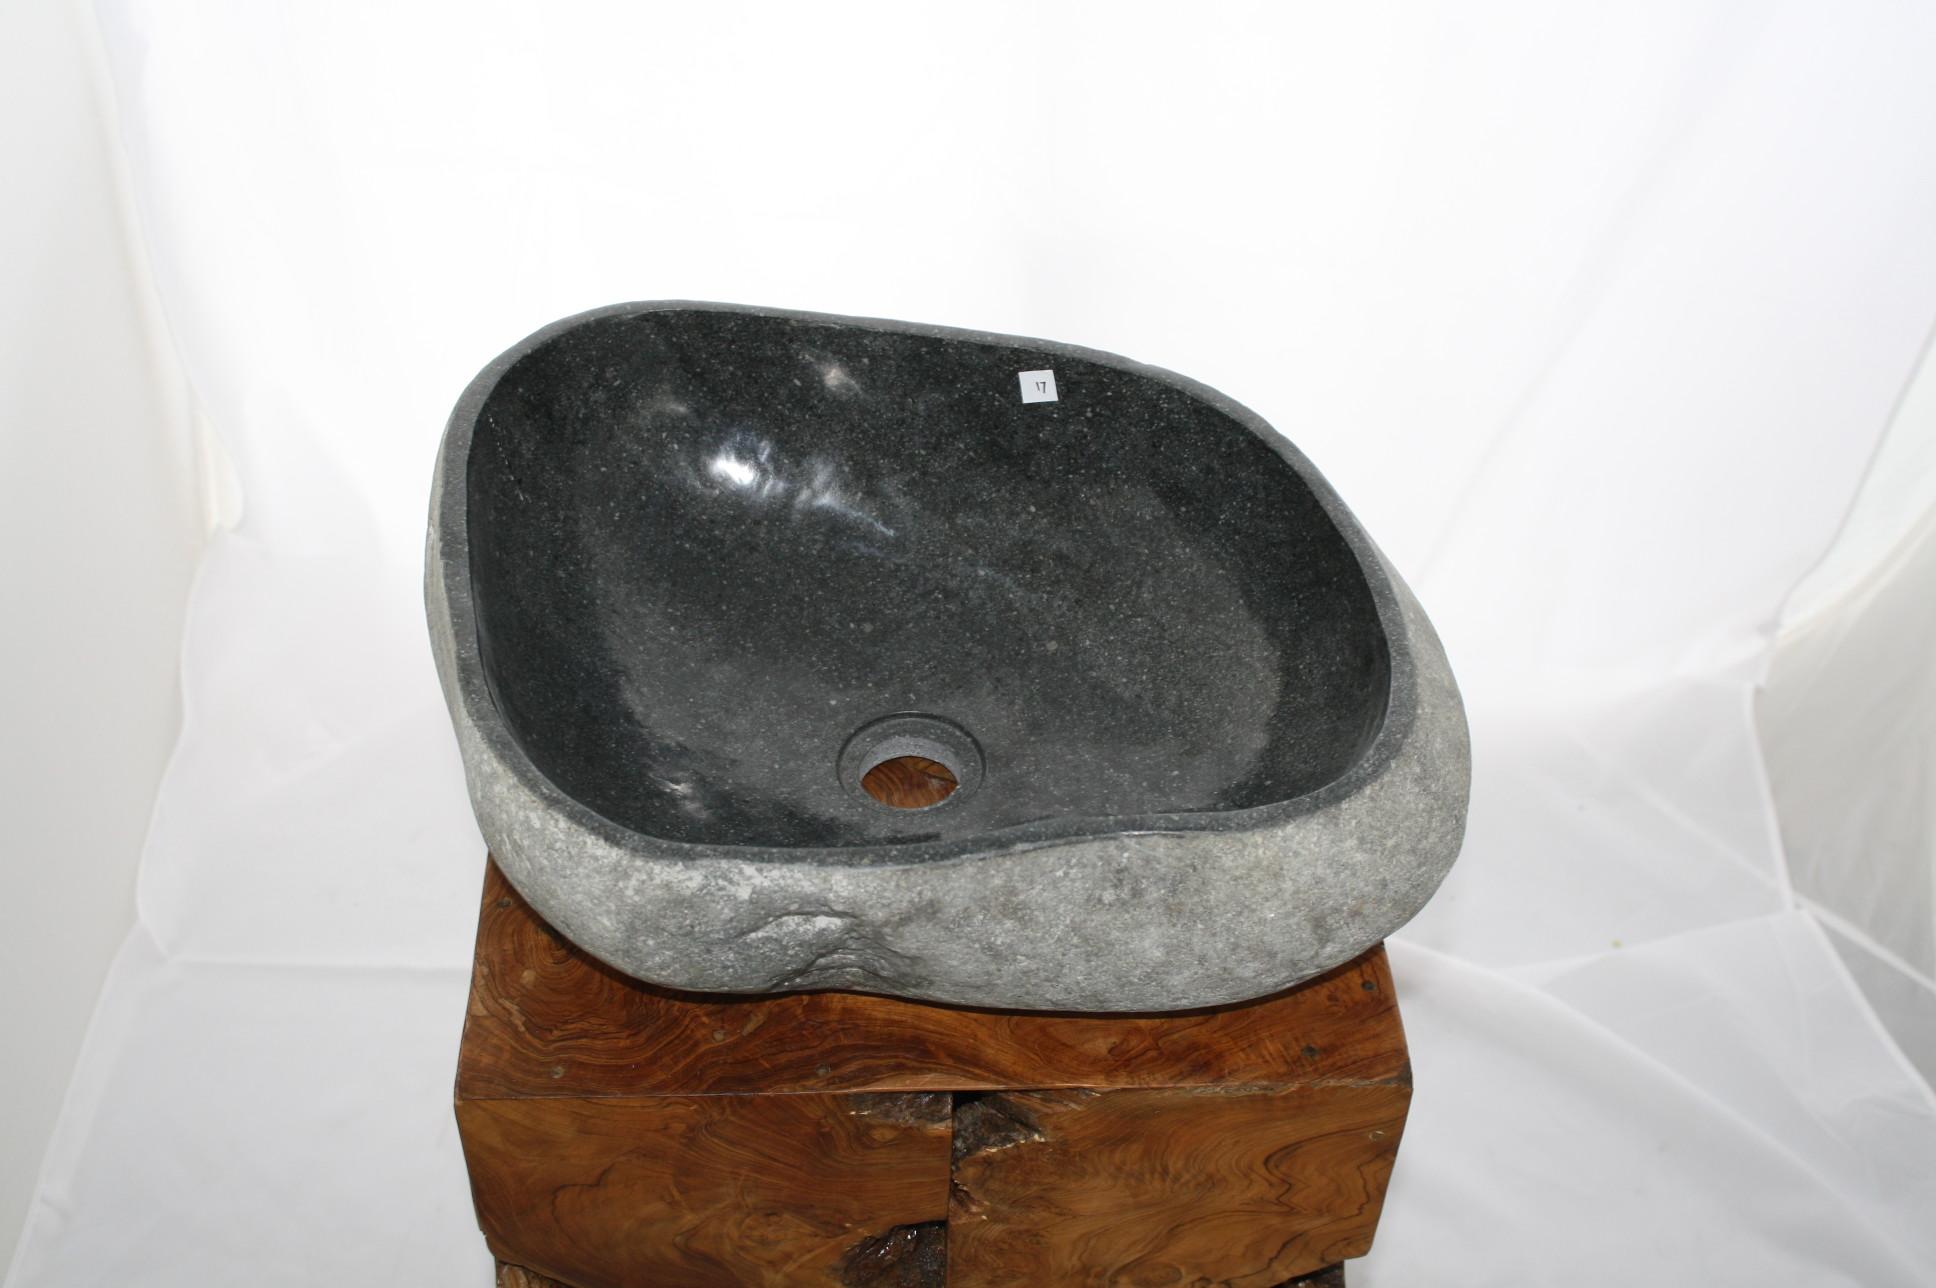 Waschbecken Naturstein Findling = naturstein waschbecken findling waschtisch